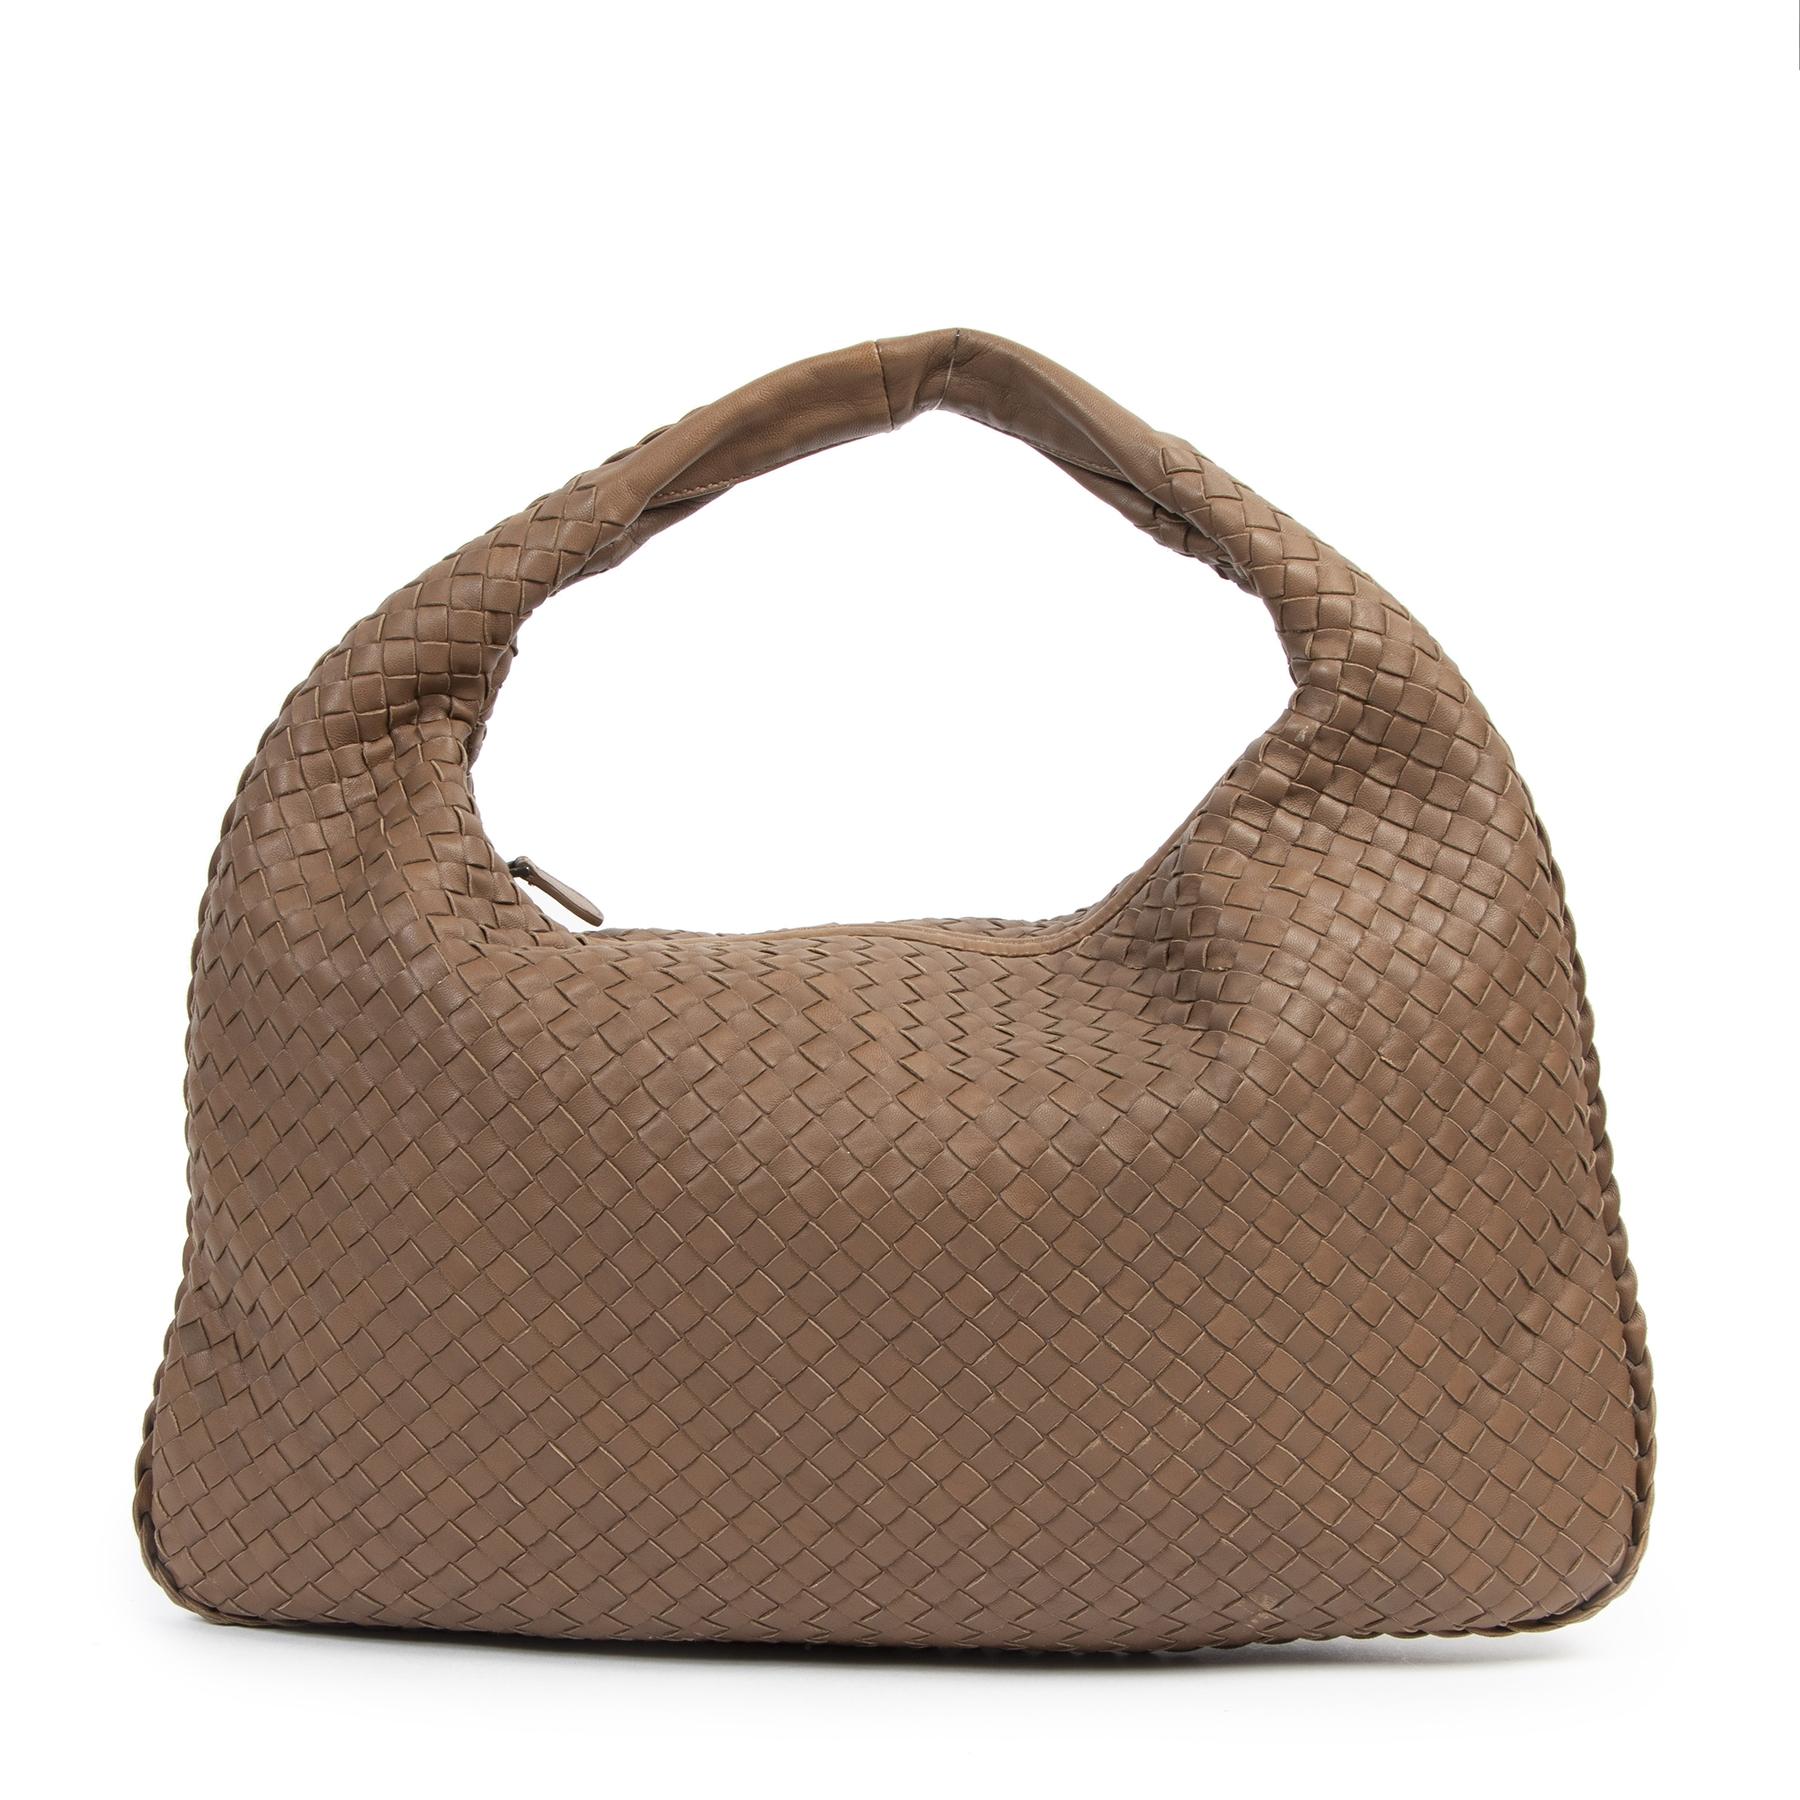 Authentieke tweedehands vintage Bottega Veneta Large Brown Hobo Bag koop online webshop LabelLOV